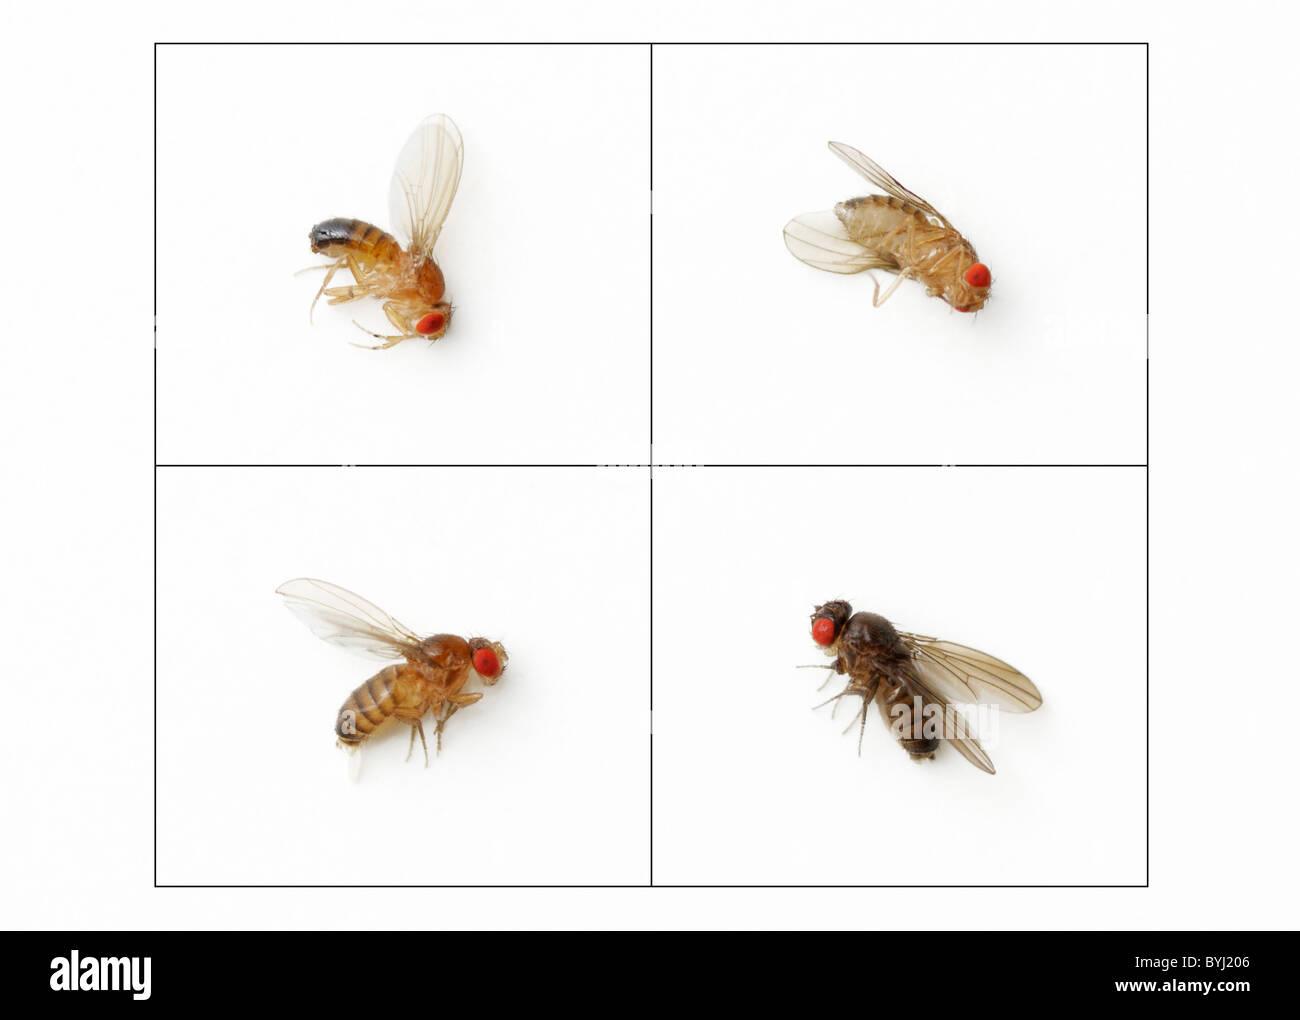 Ebenholz Drosophila